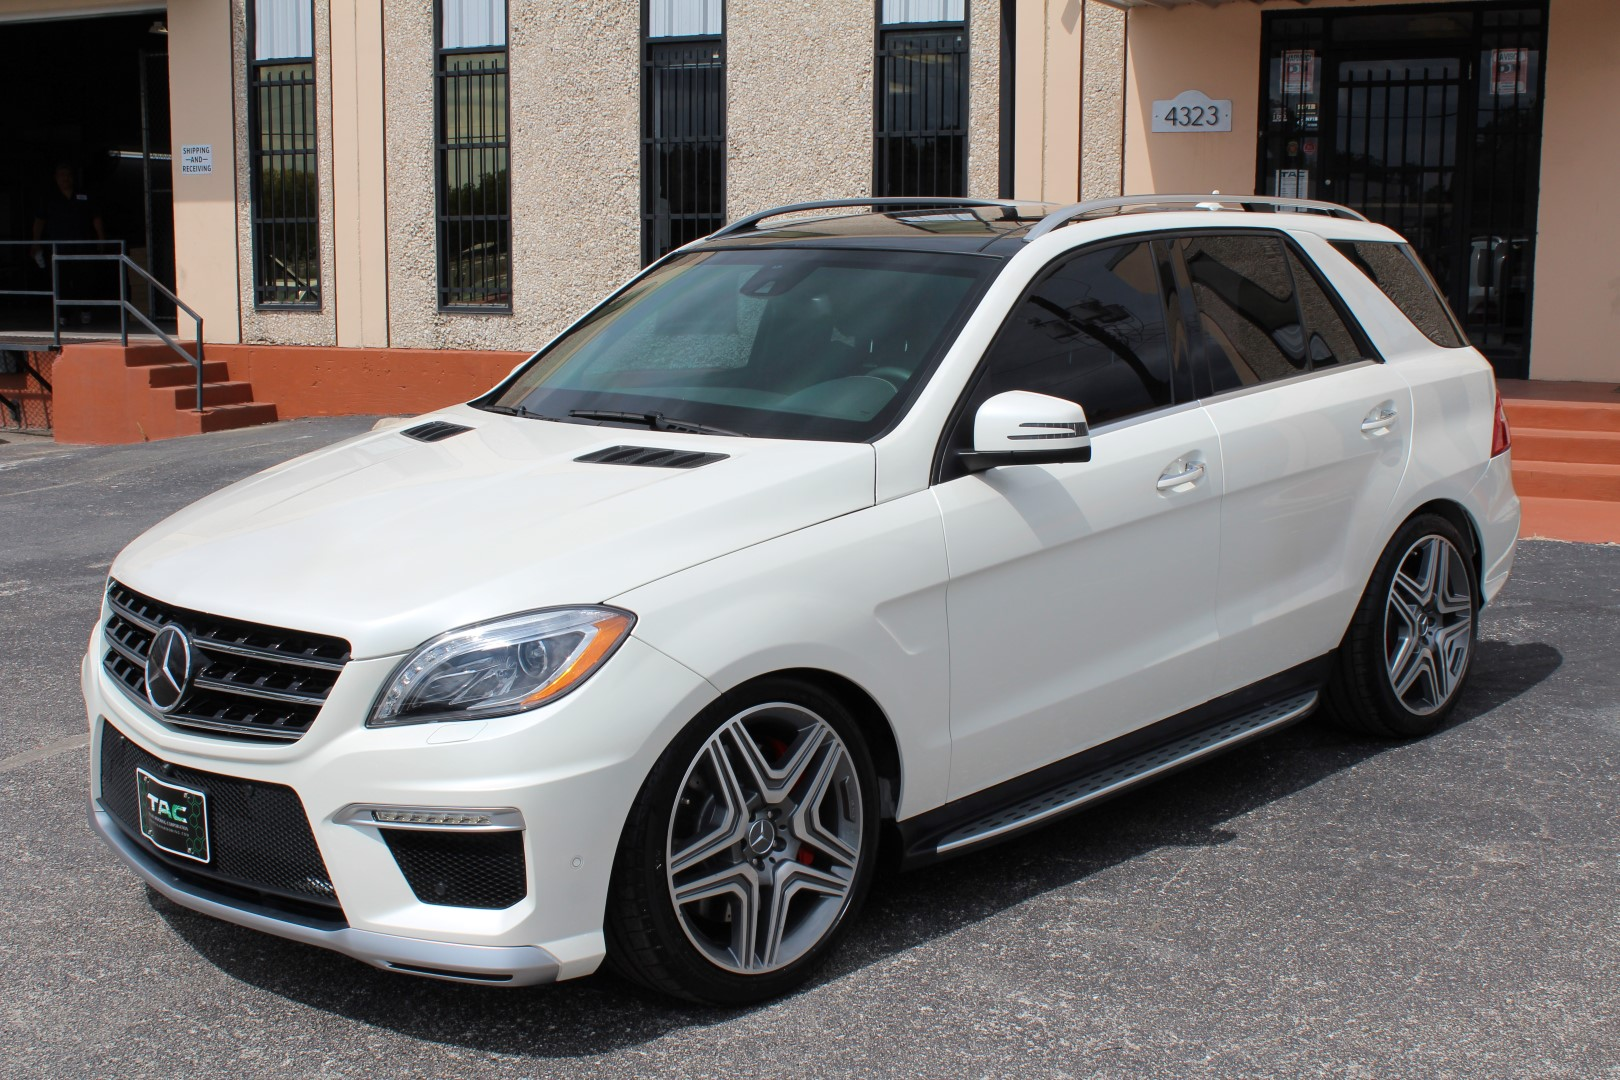 2014 mercedes benz ml63 amg suv - Mercedes Benz Suv 2014 White